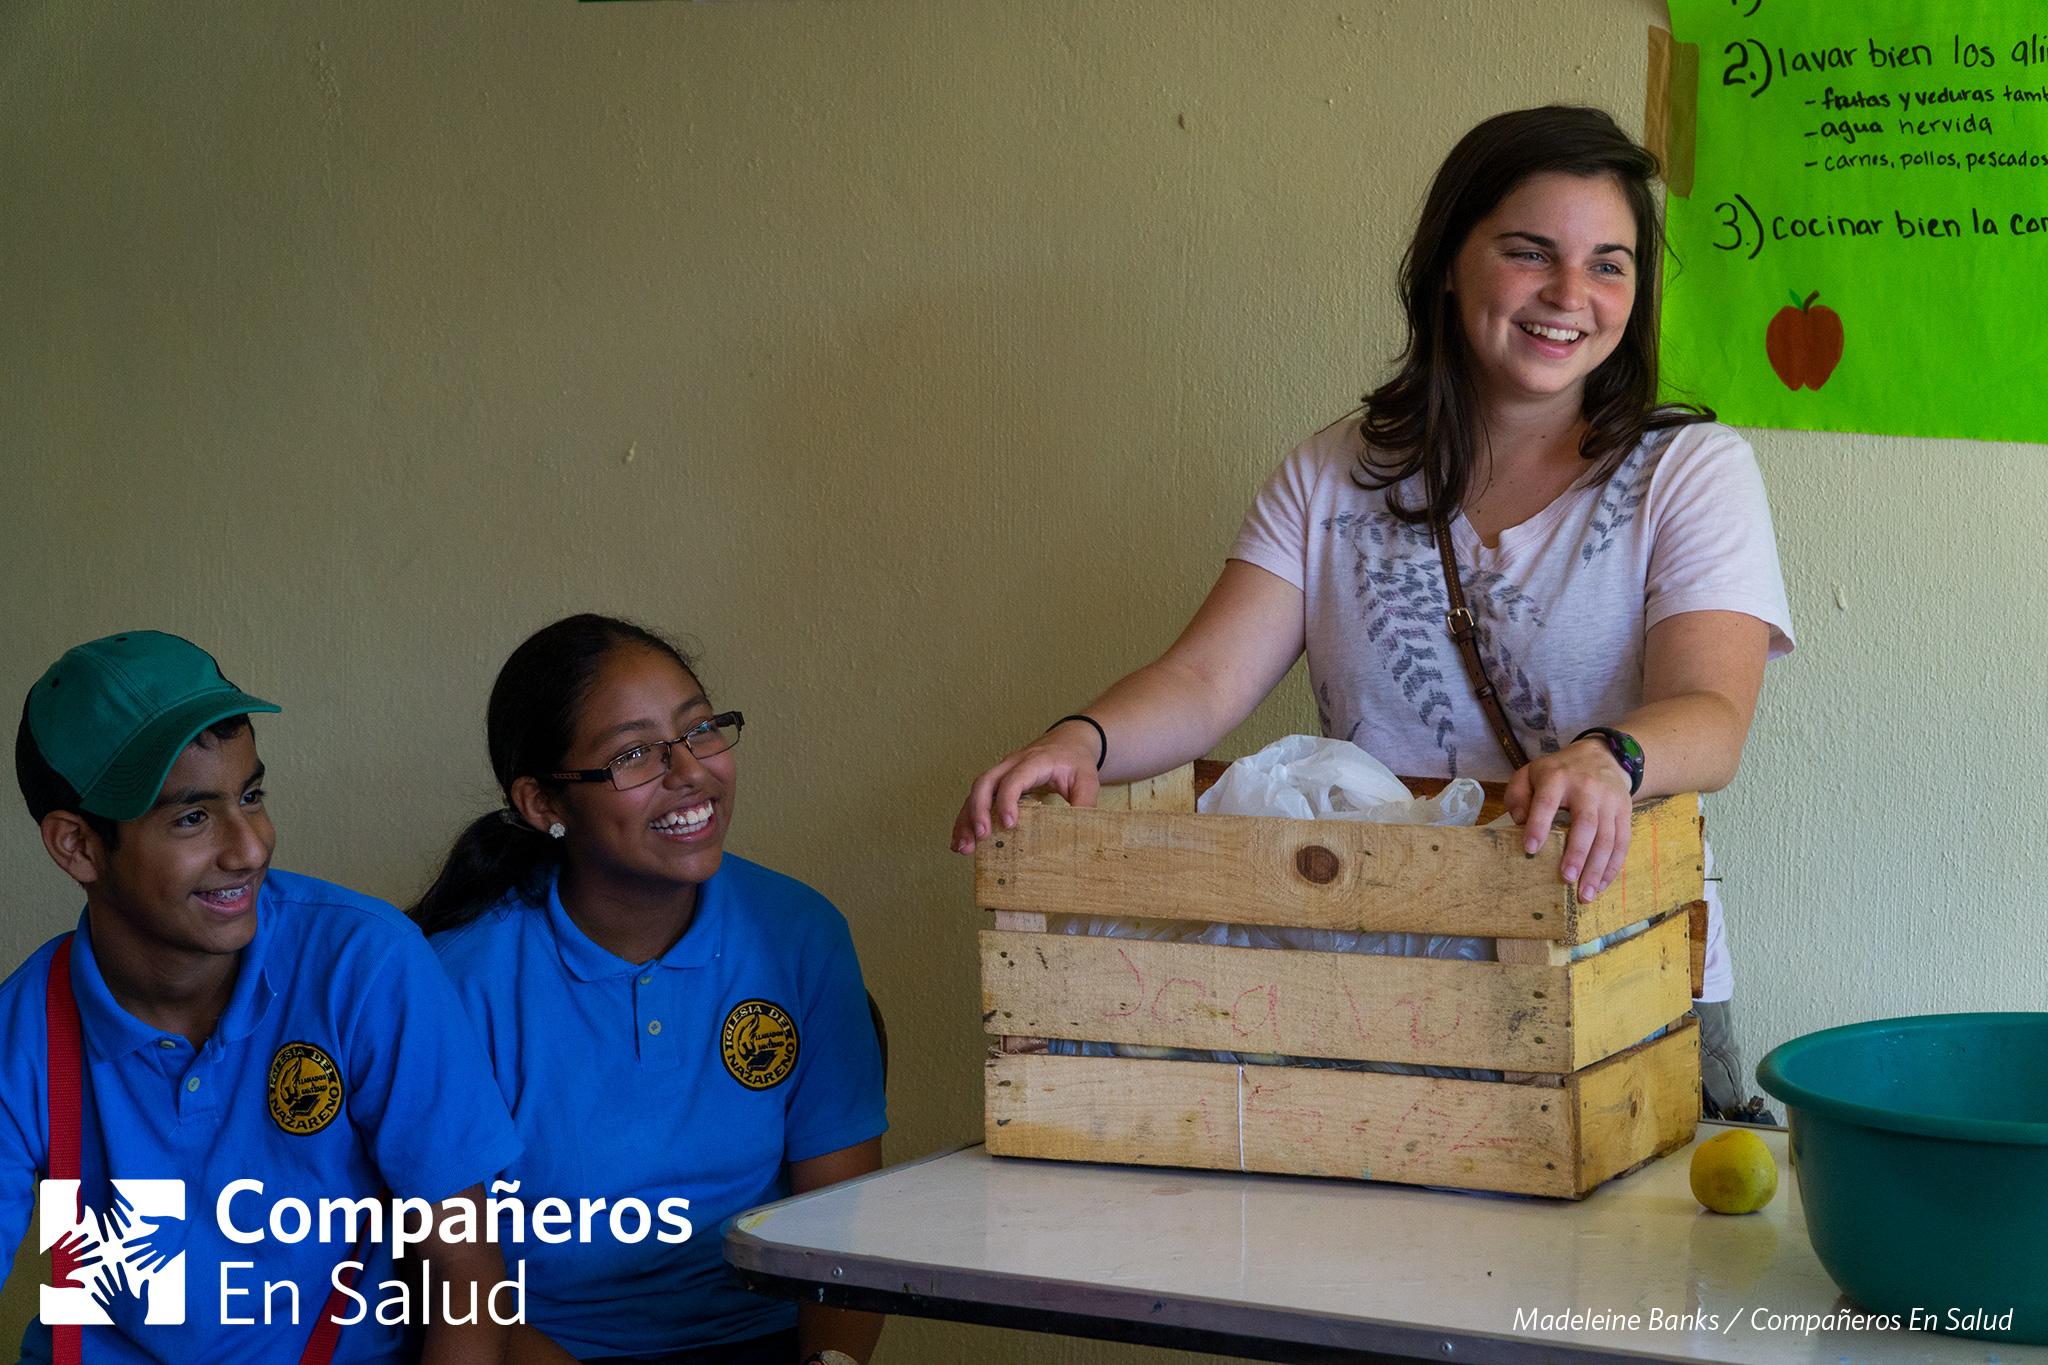 Durante la Feria de la Salud, Lauren O'Connell, una voluntaria de Companeros En Salud, explicó la importancia de lavar la fruta y otra comida antes de comerse, para prevenir enfermedades gastrointestinales.